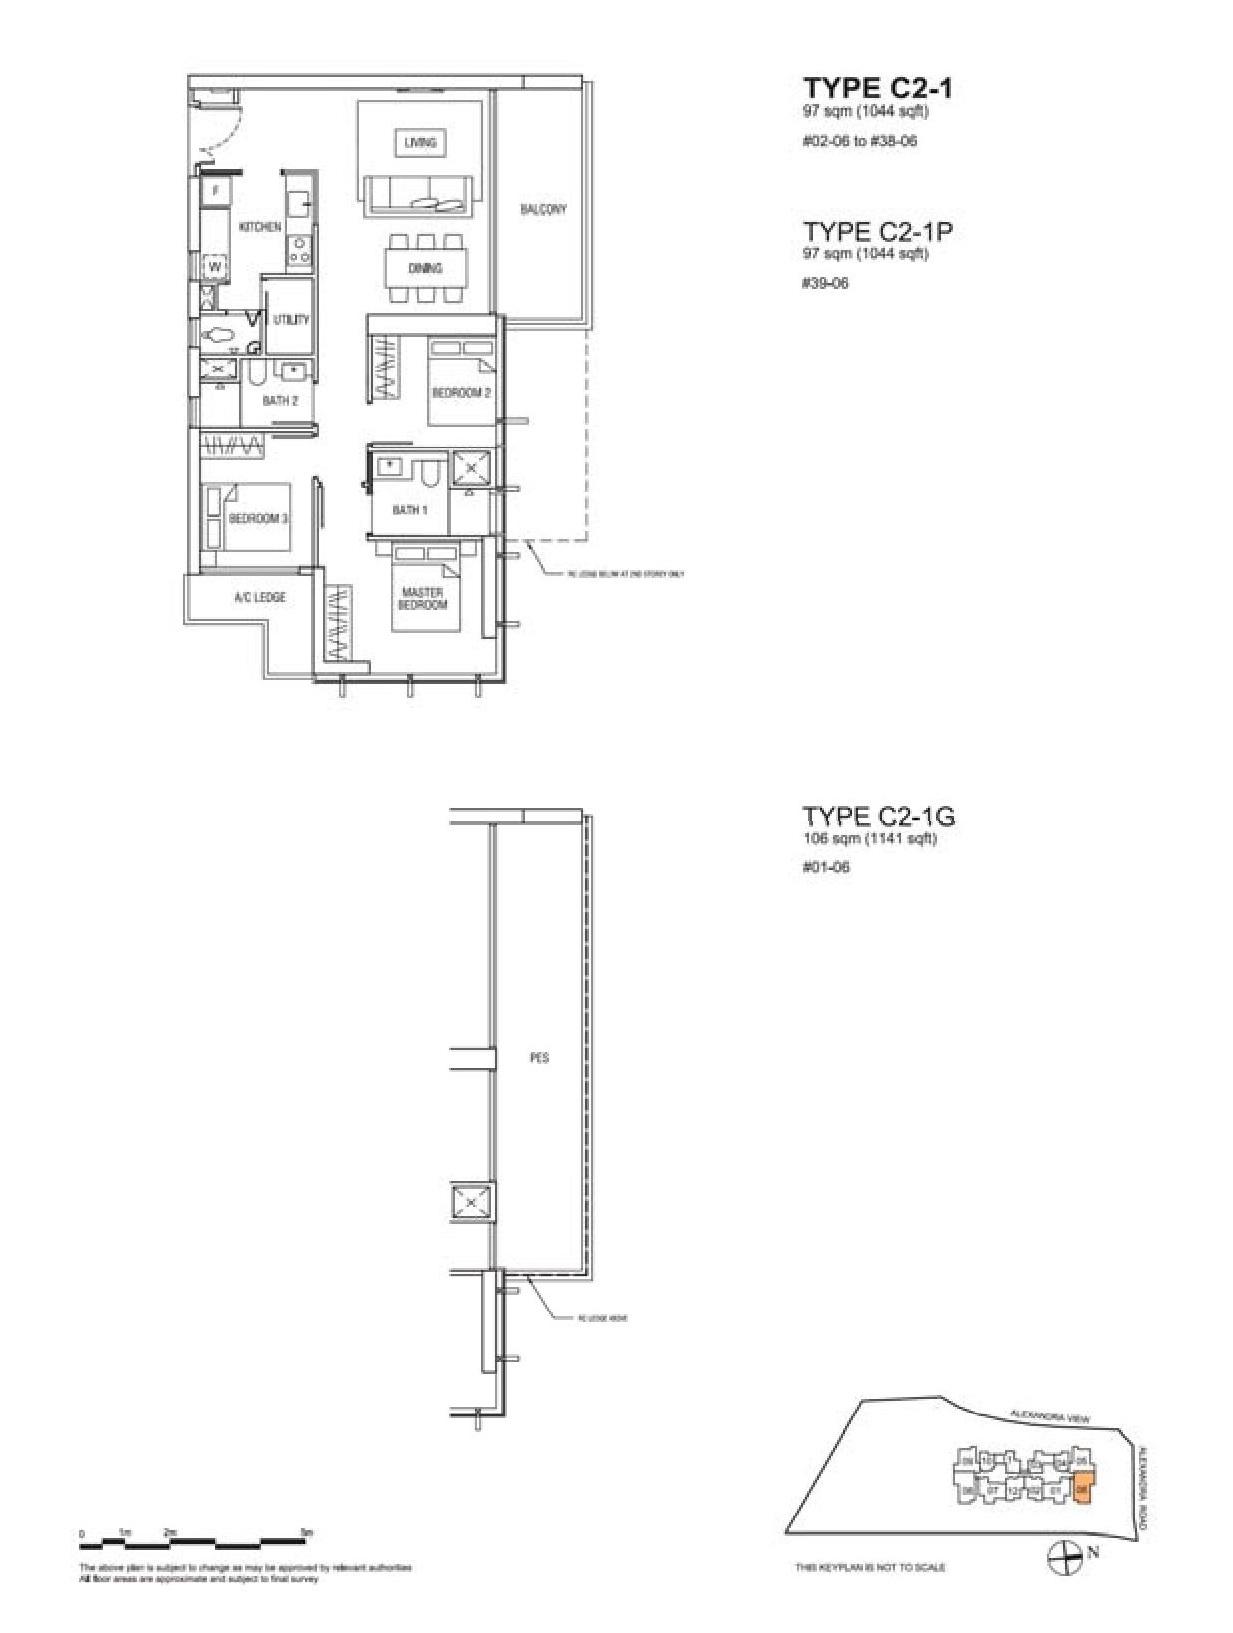 Alex Residences 3 Bedroom + Utility Floor Plans Type C2-1, C2-1P, C2-1G